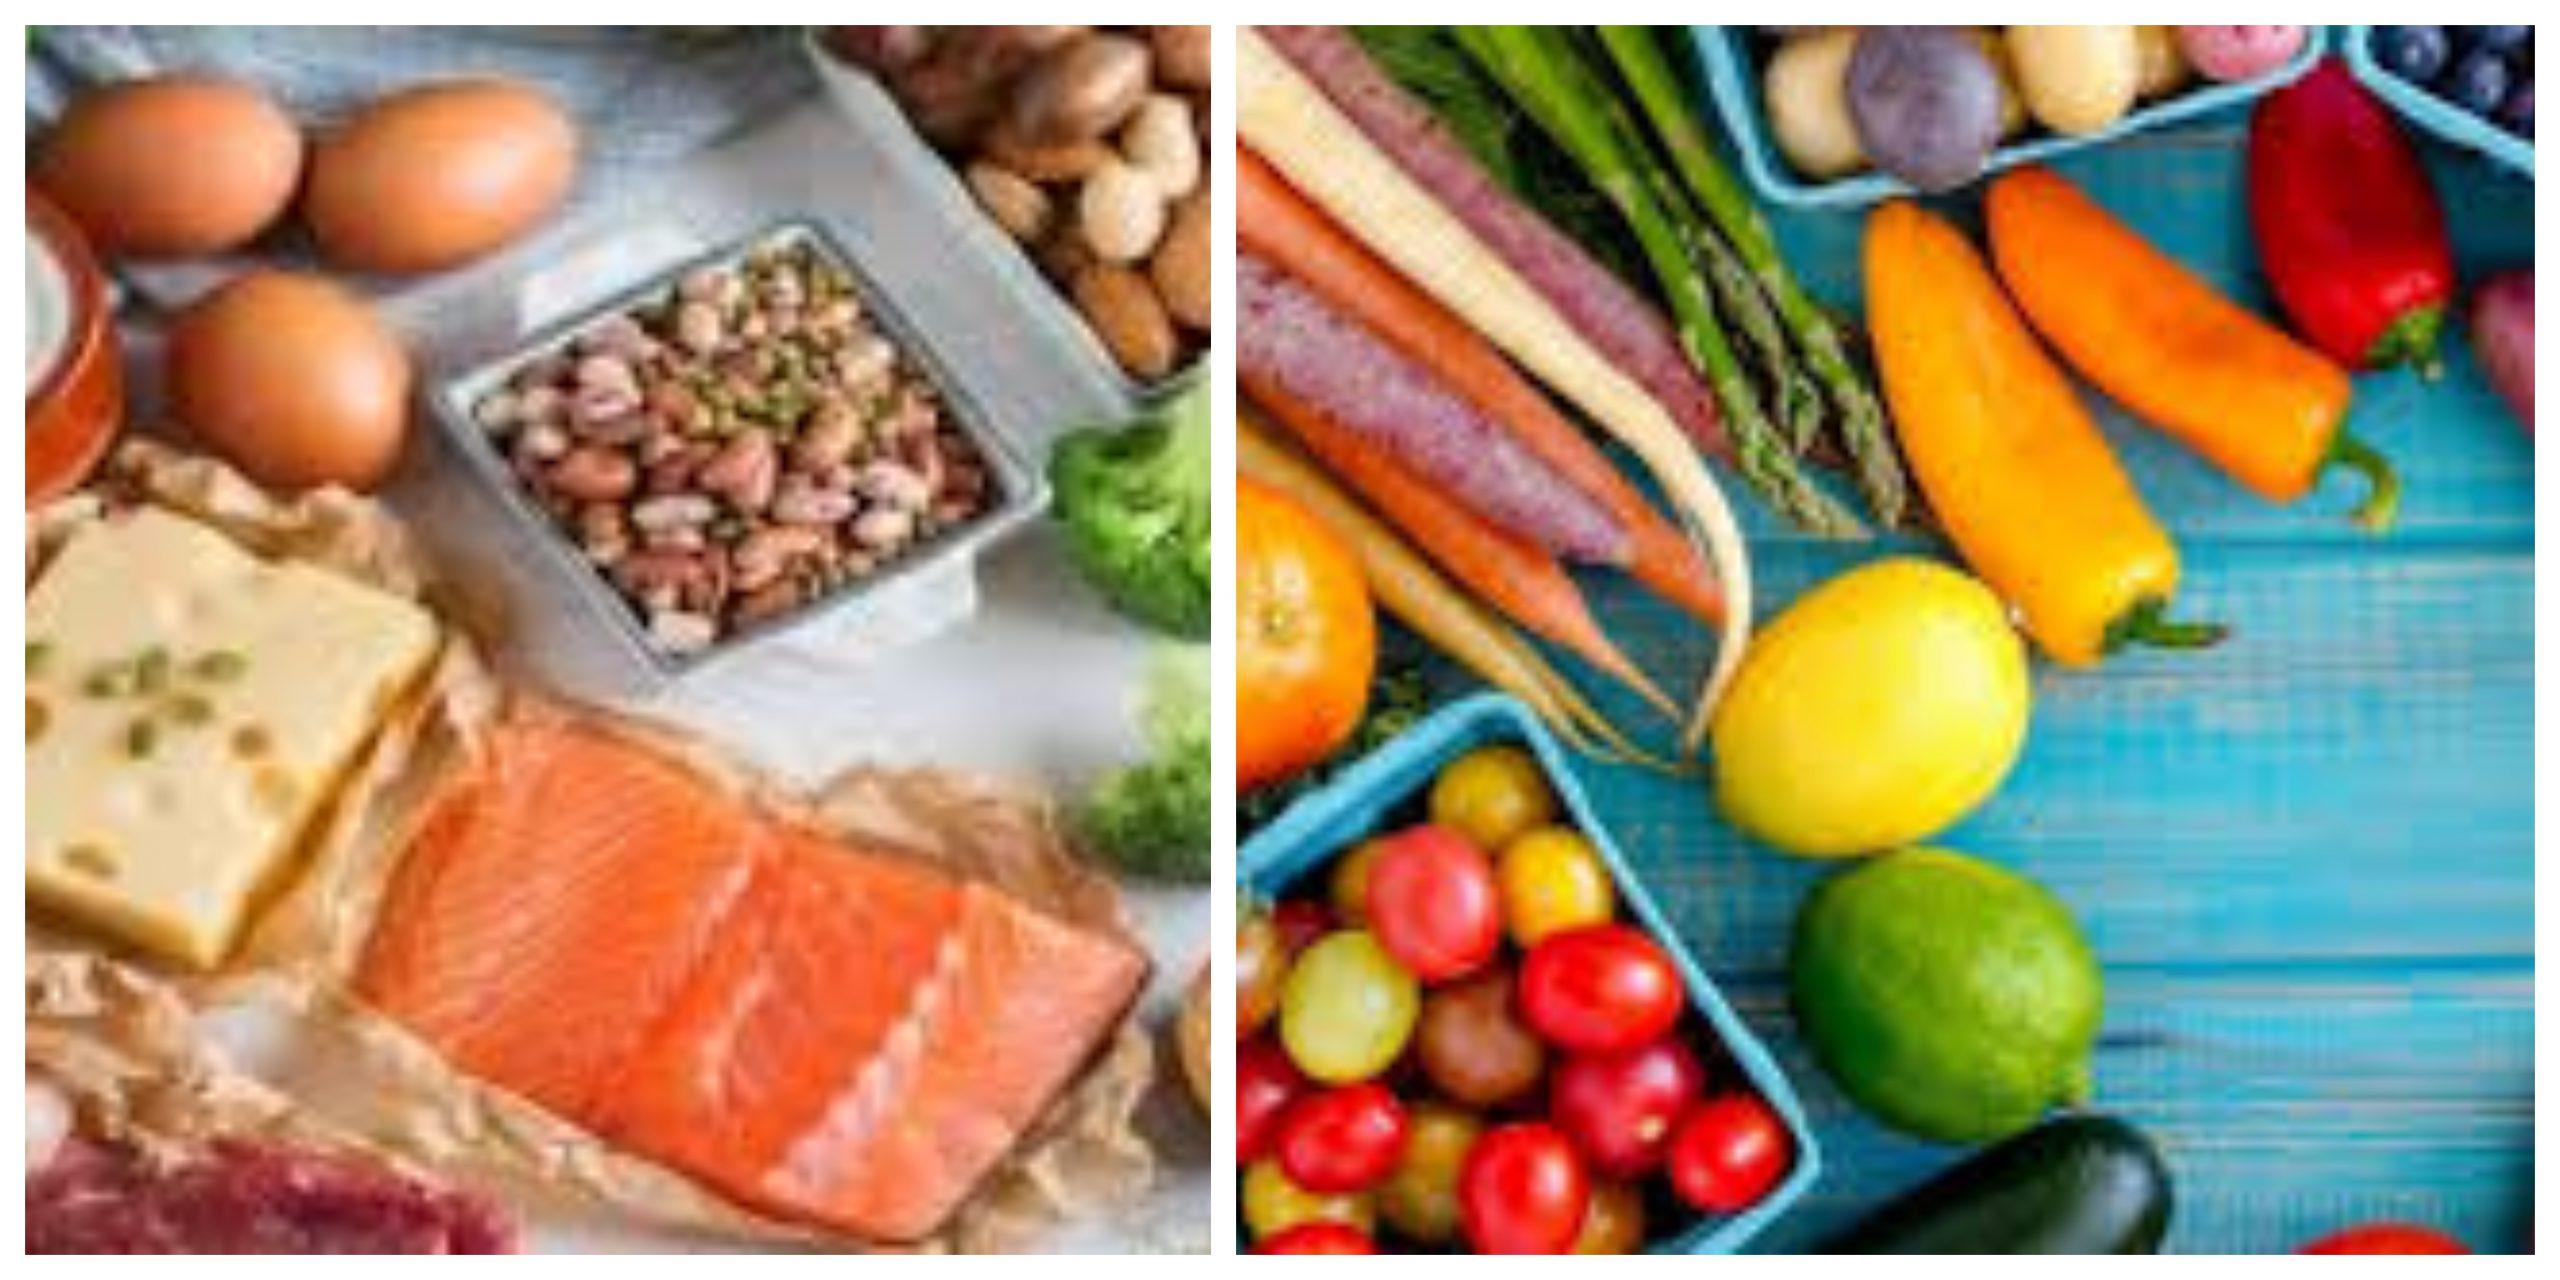 """أنظمة غذائية """"ريجيم"""" يمكنها أن تحافظ على صحة القلب"""